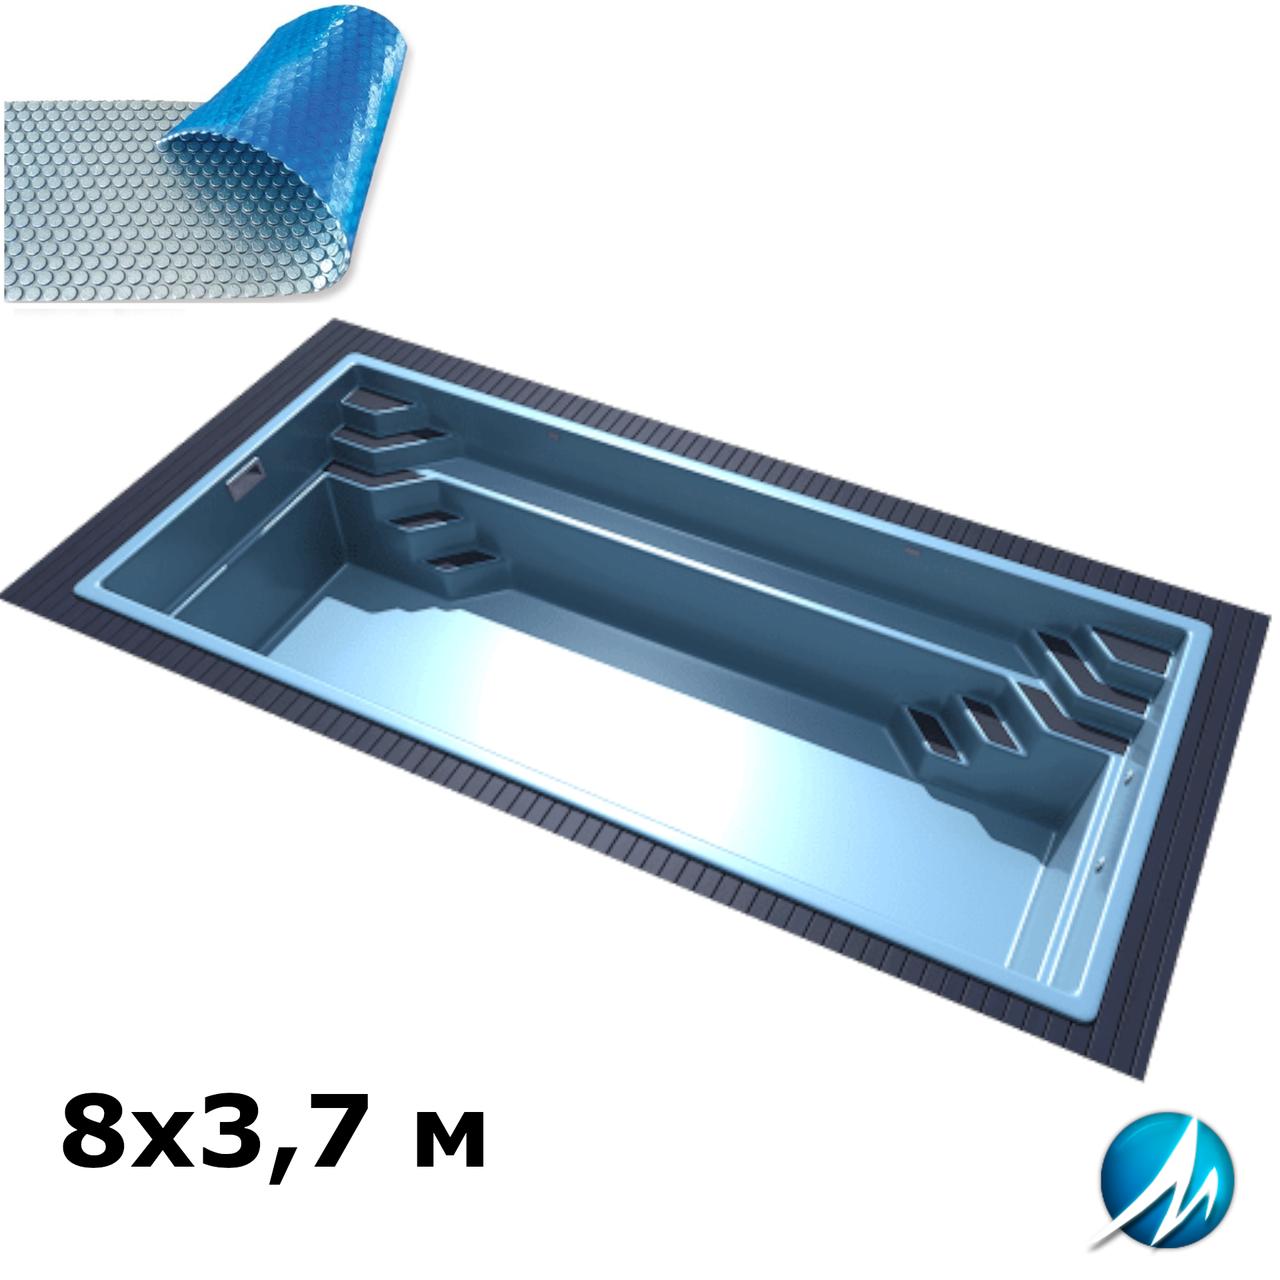 Солярне накриття для скловолоконного басейну 8х3,7 м